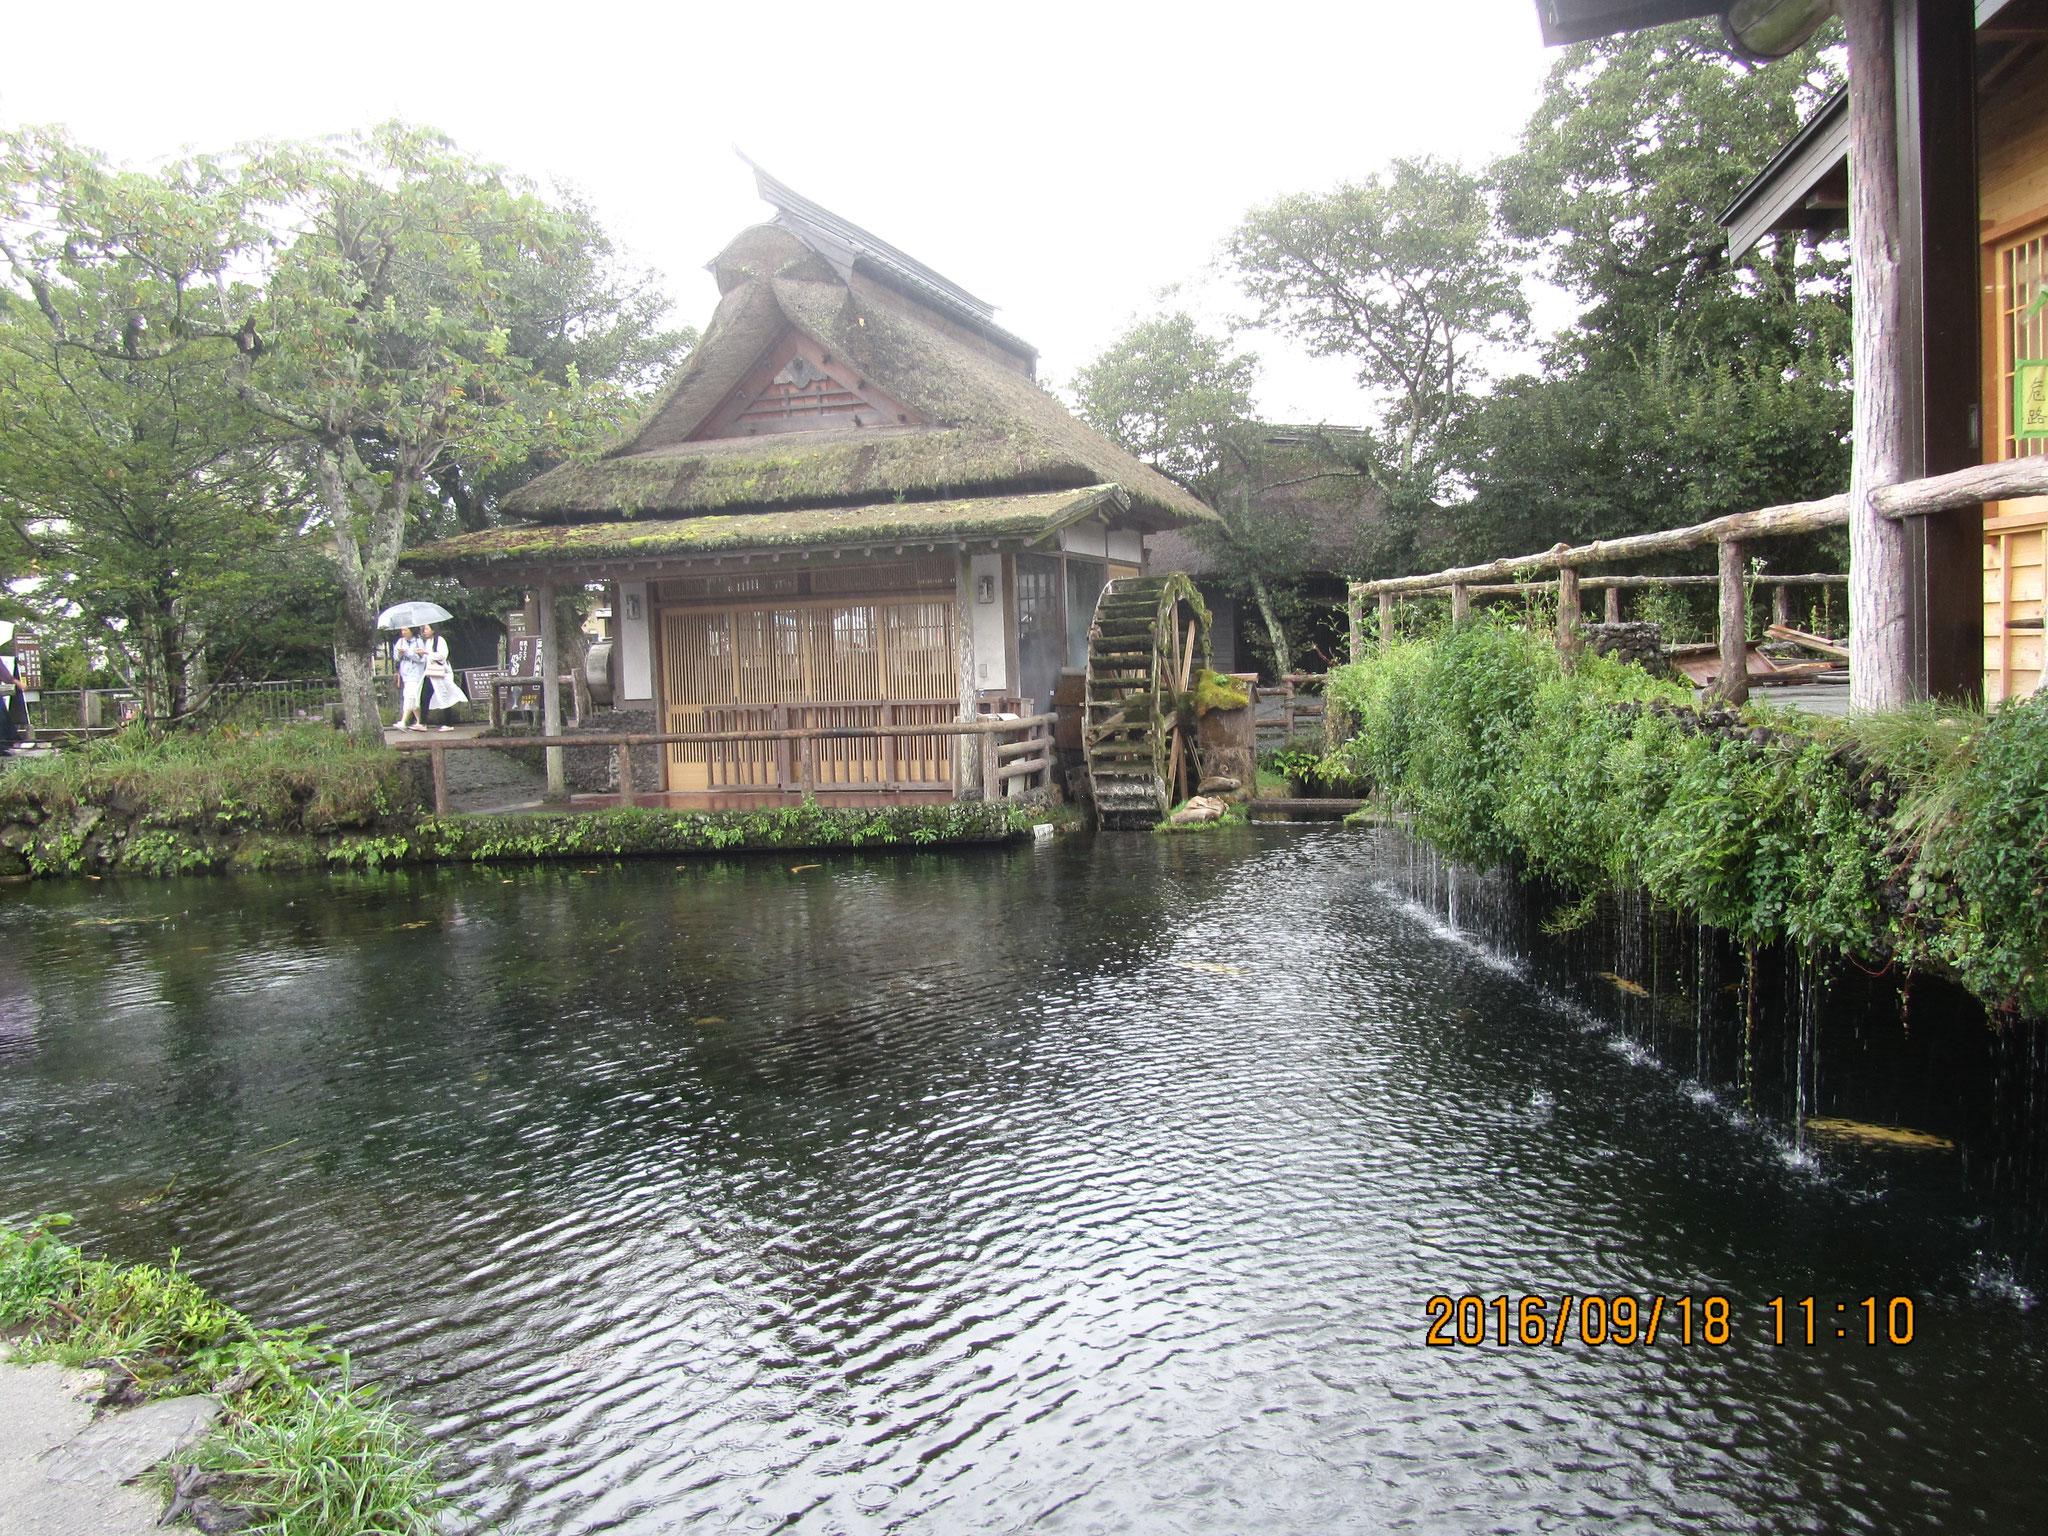 鏡池(かがみいけ)。この水には善悪を見分ける霊力があります。昔から、部落内で争いが起きれば、双方がこの池の水を浴びて身を清め祈願すると解決したそうです。